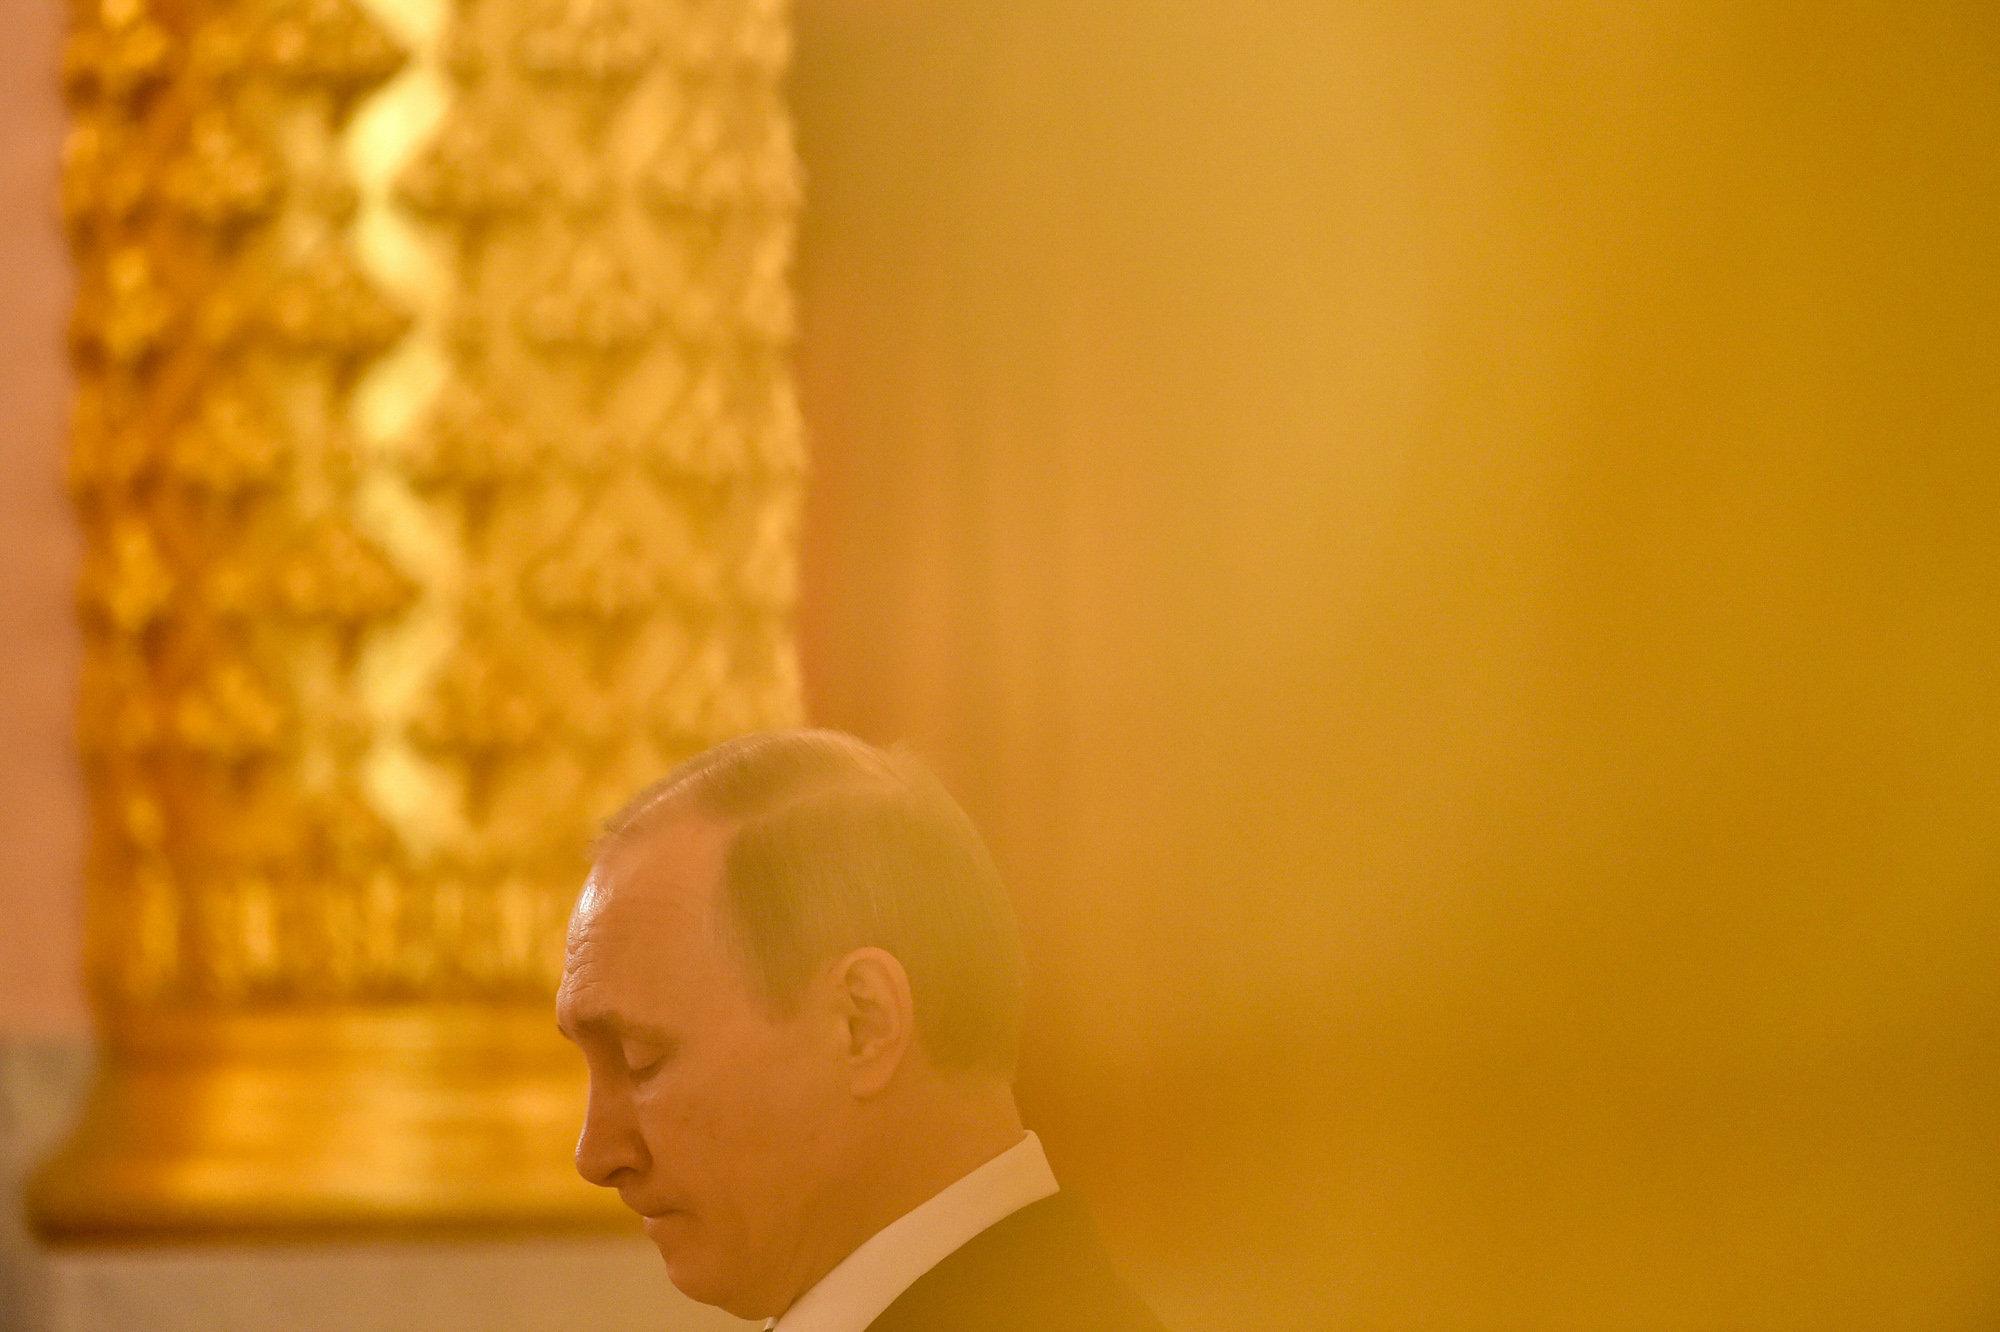 Цели Путина, идеология России